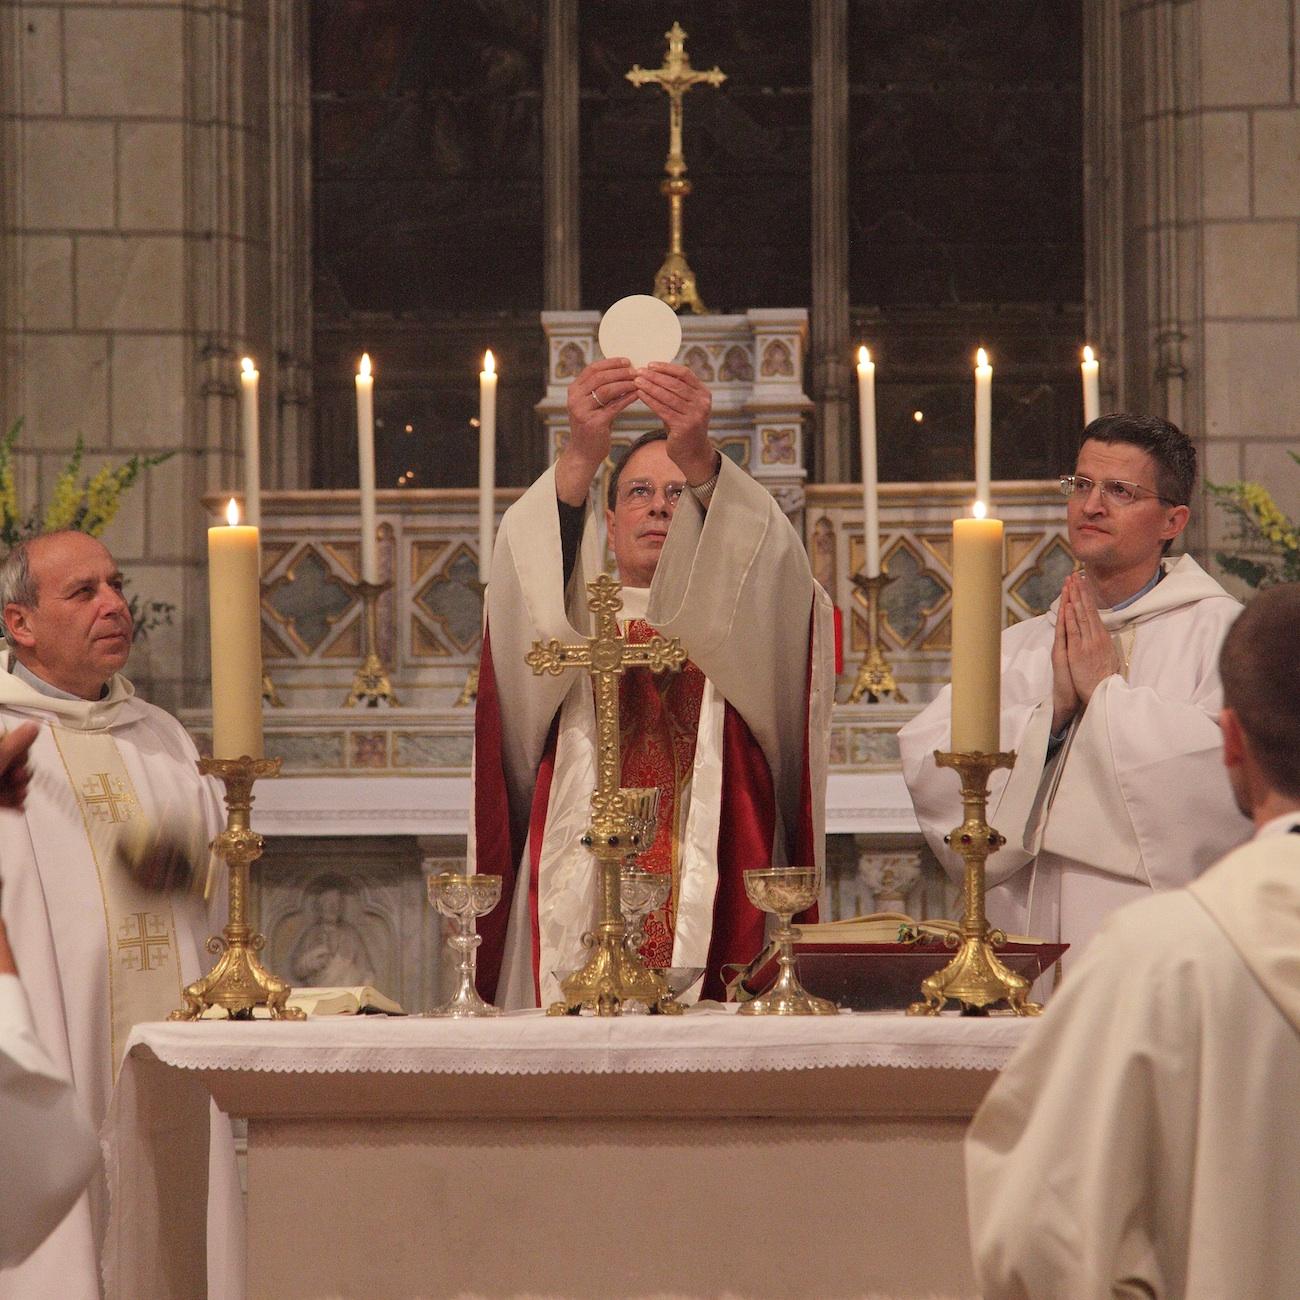 PRIÈRE À L`INTENTION DE NOTRE AMI GILLES - Page 5 Messe-triduum-pascal-2012-BG-IMG_6894